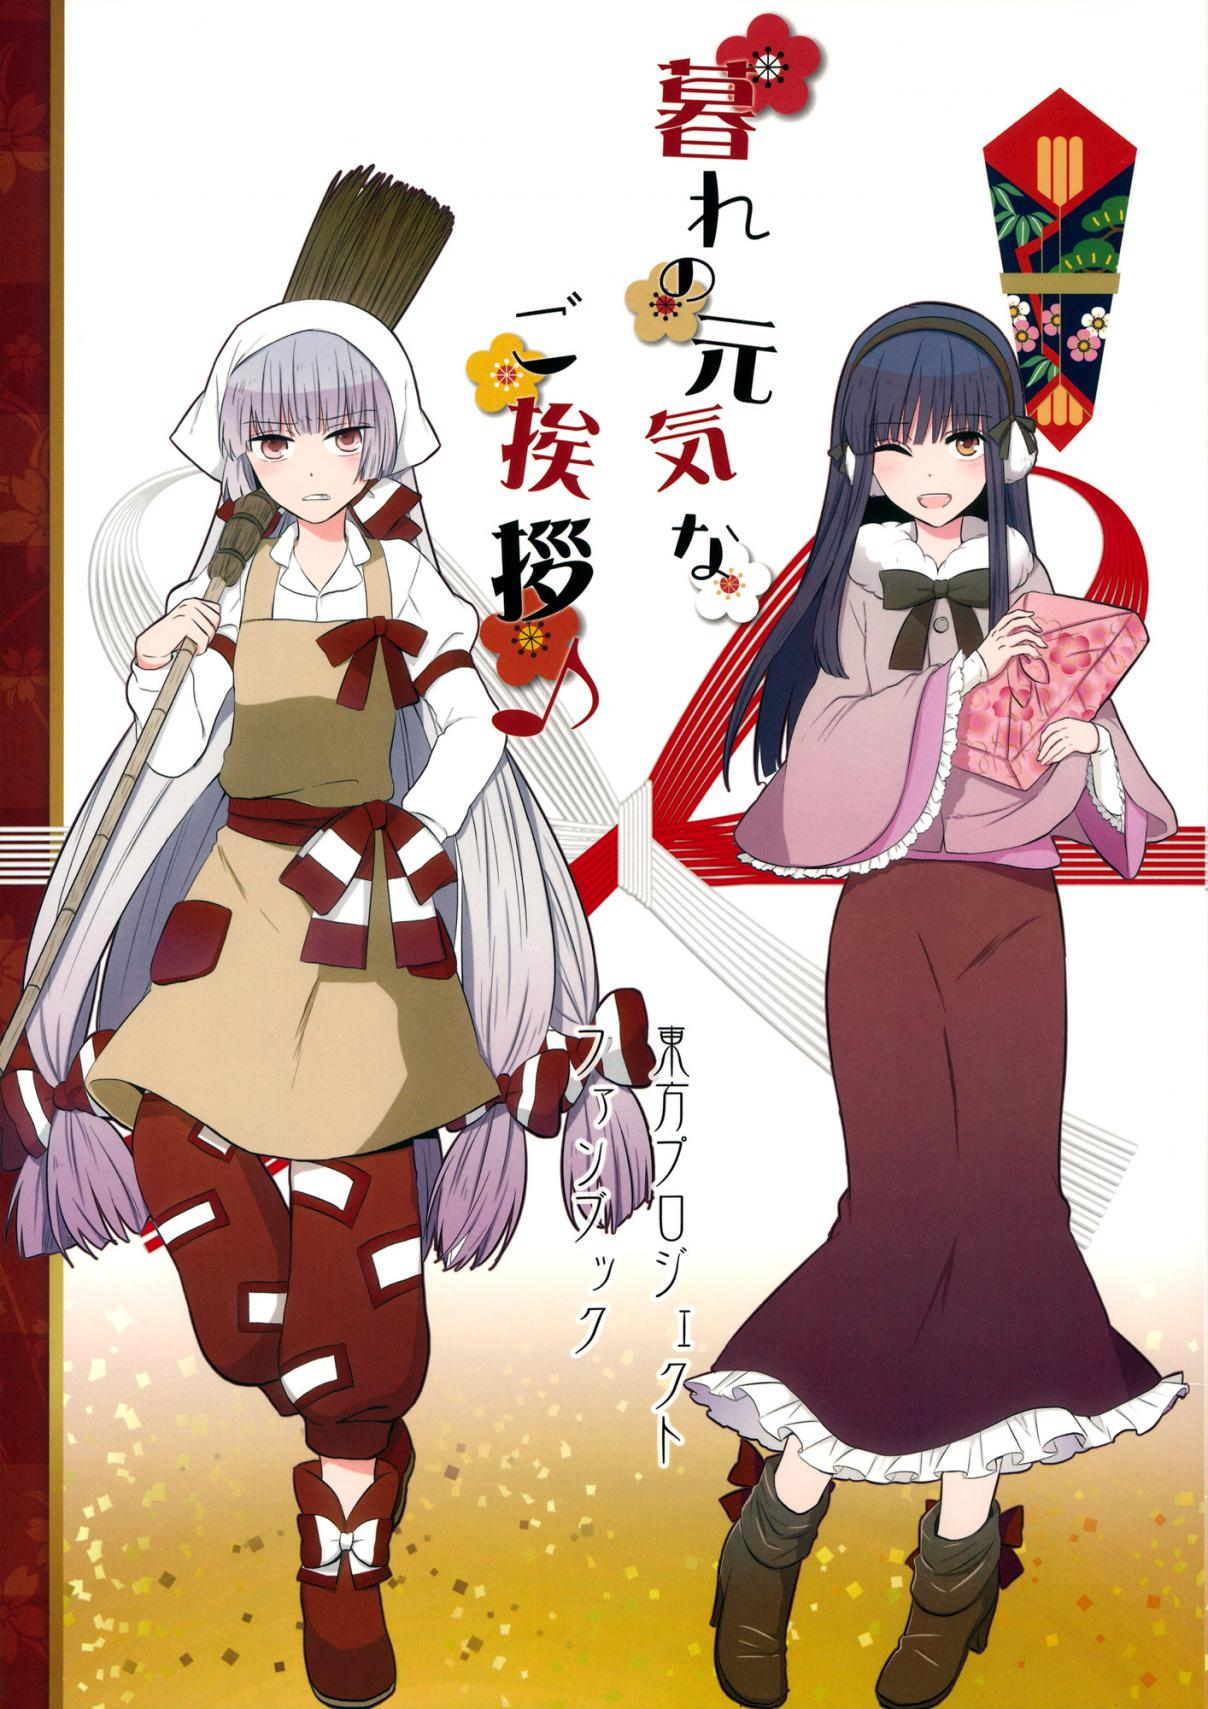 https://manga.mangadogs.com/comics/pic2/8/32840/939604/b24ba39b66b1201a1bd4ccca14555322.jpg Page 1